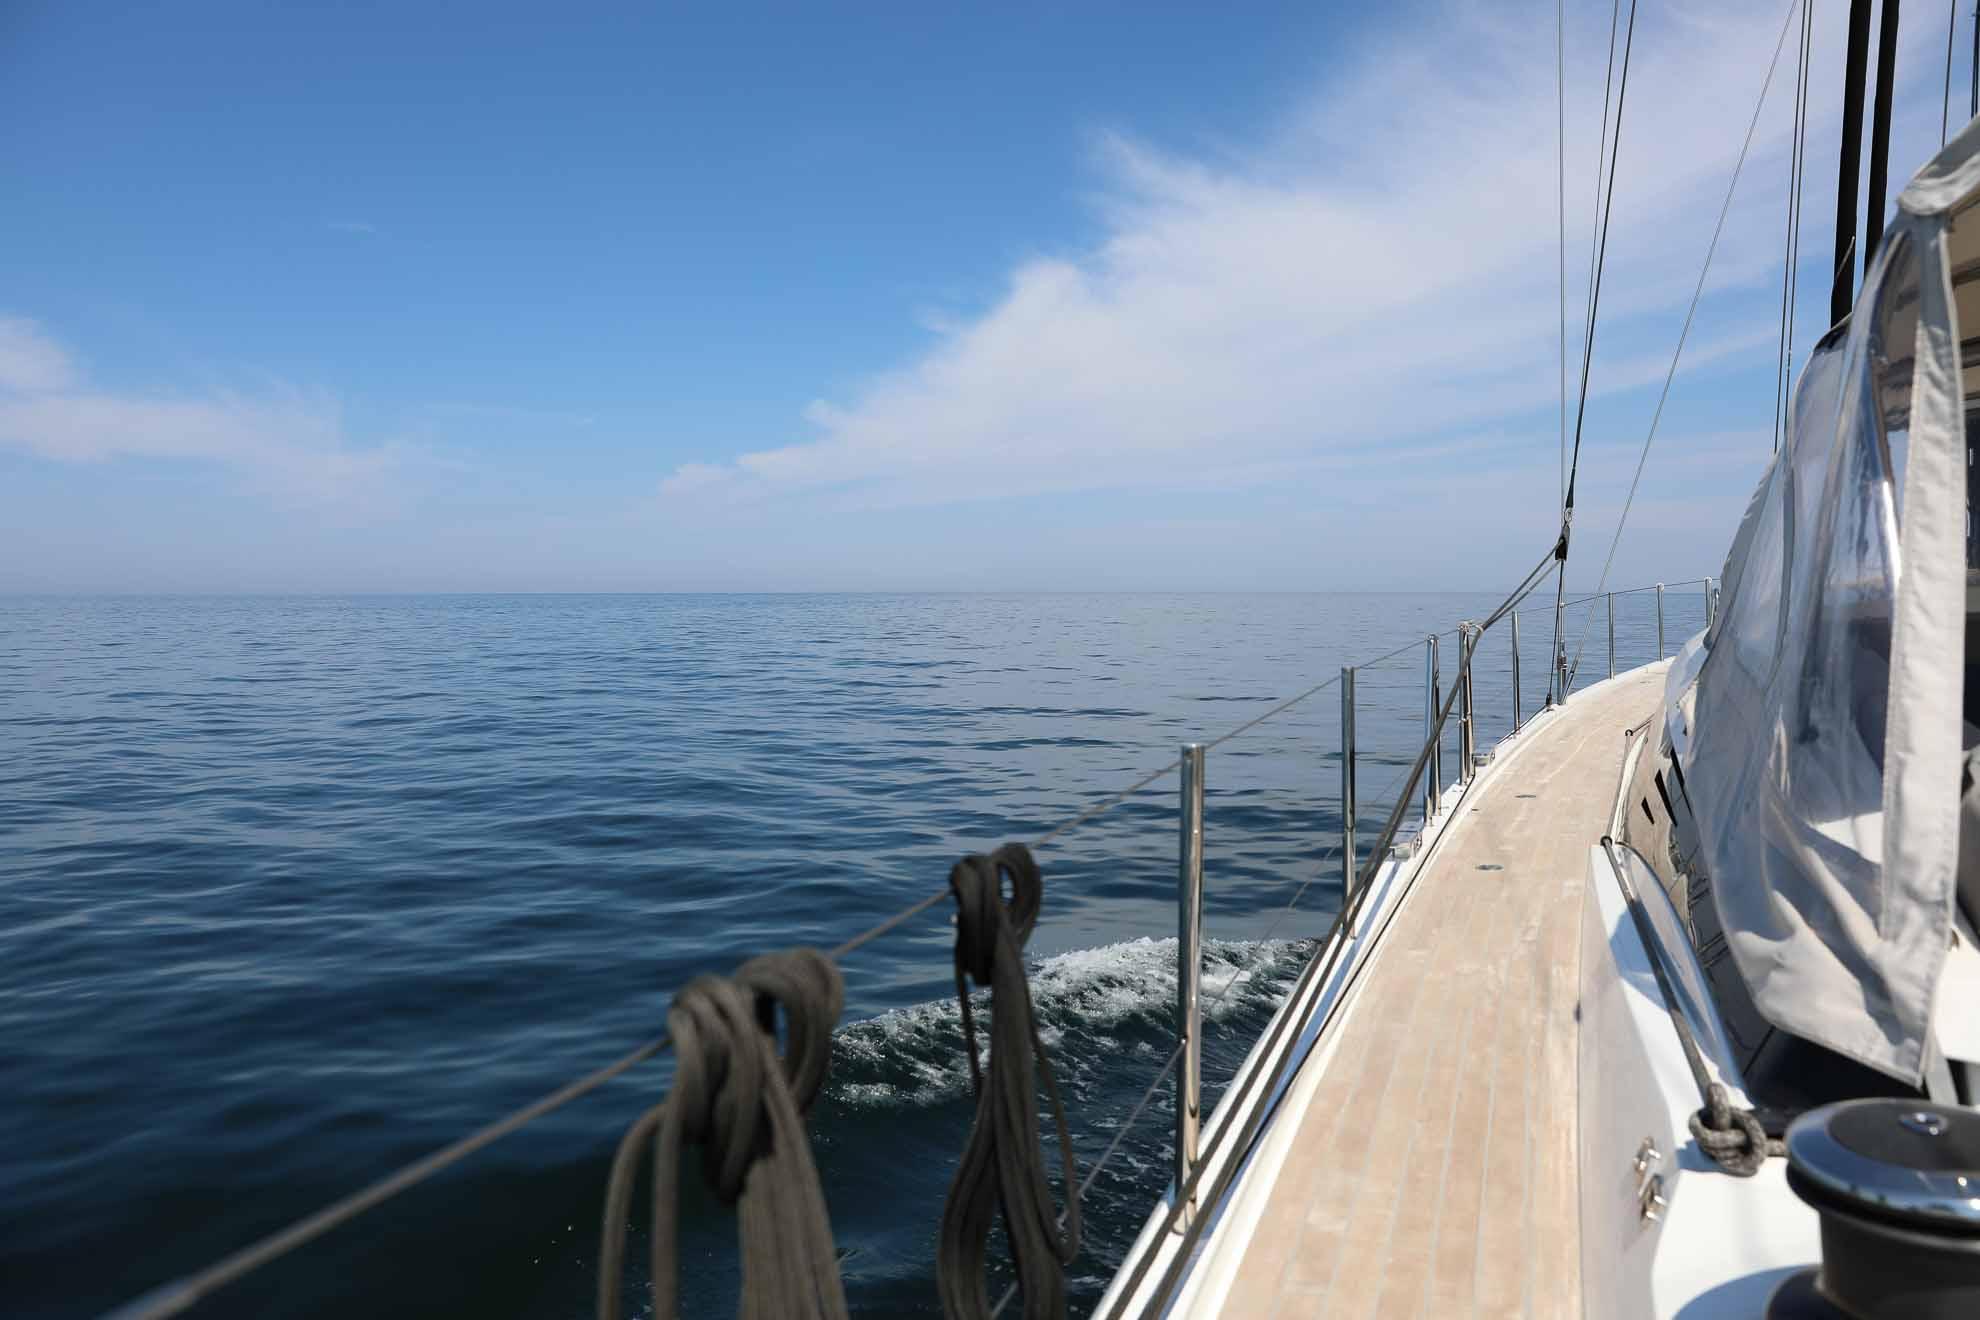 ... nach Horuphav auf der dänischen Seite der Flensburger Förde.